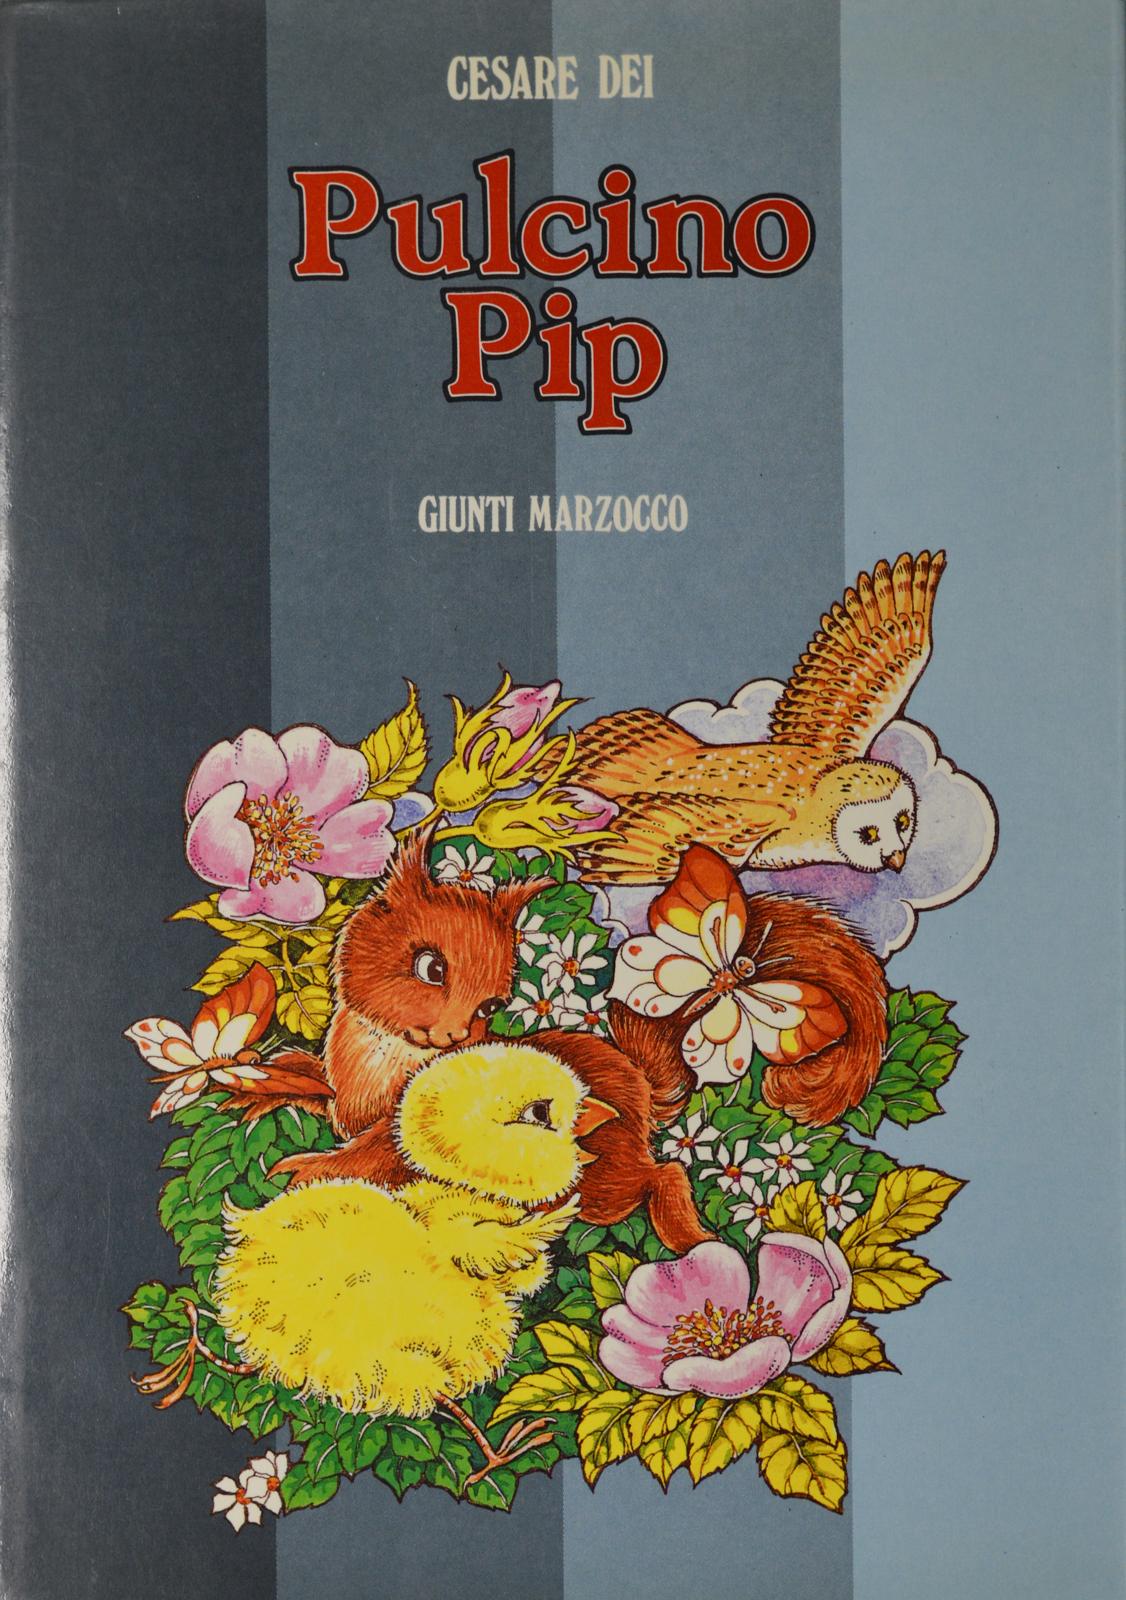 Pulcino Pip